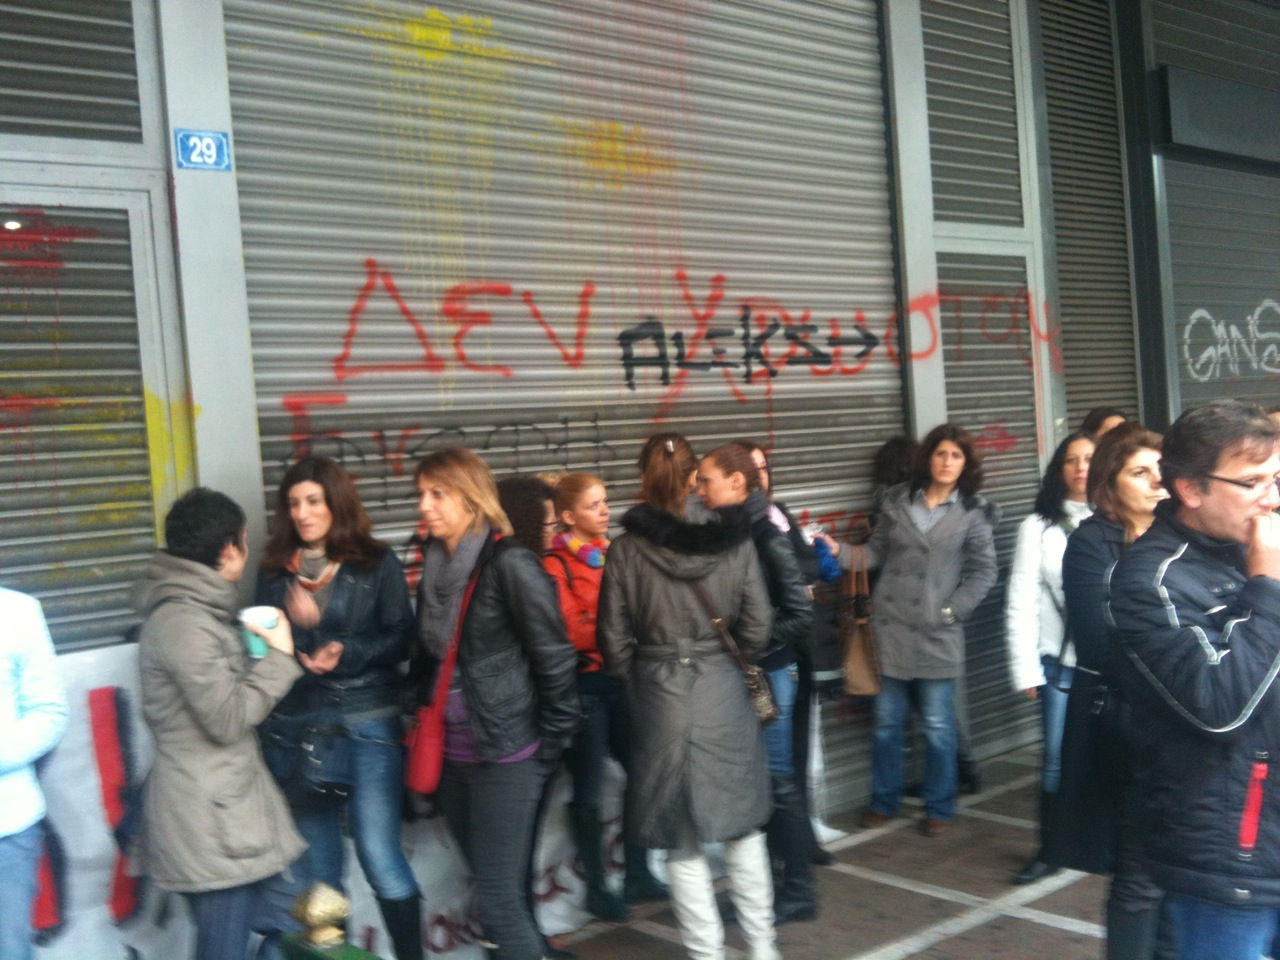 Η είσοδος από την οδό Σταδίου, ρολλά κλειστά - ΦΩΤΟ NEWSIT